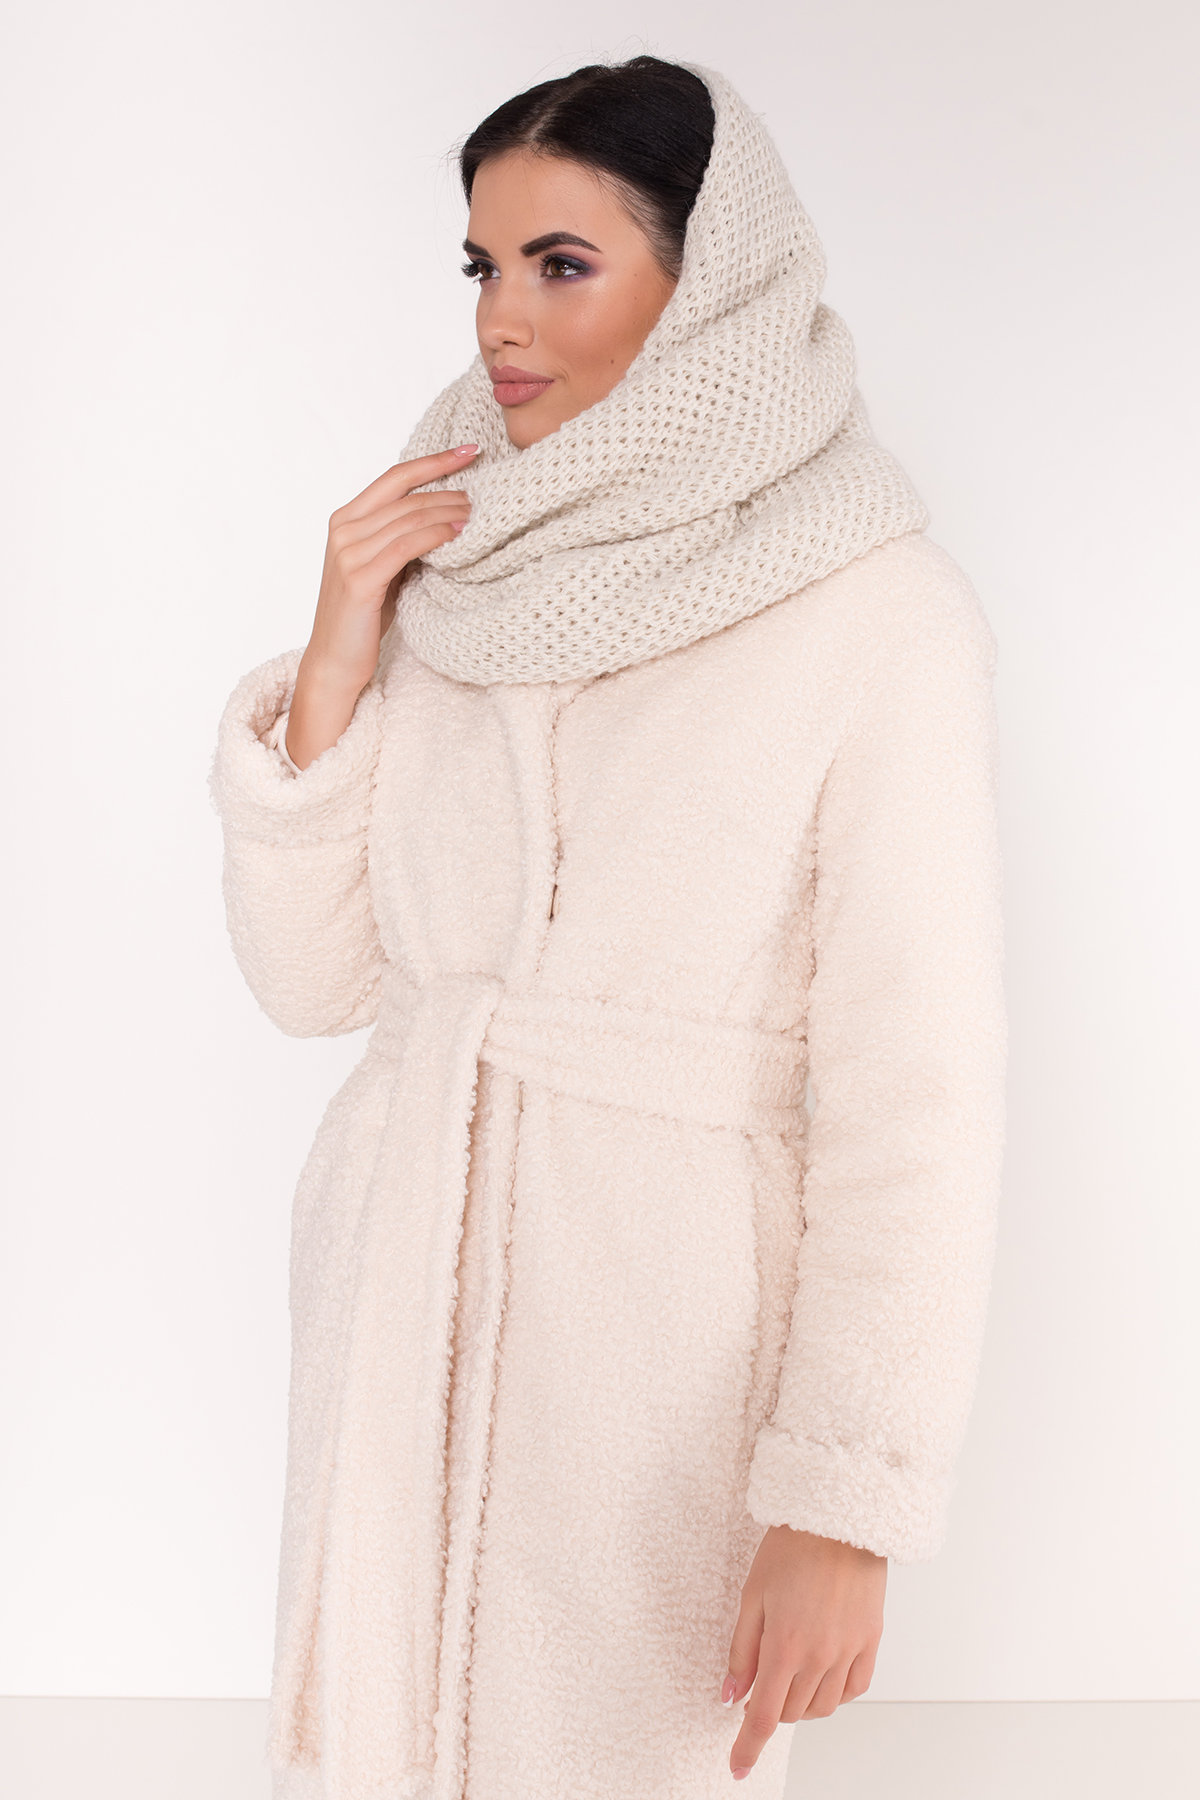 Пальто из эко меха Приора 8564 АРТ. 44887 Цвет: Молоко - фото 9, интернет магазин tm-modus.ru